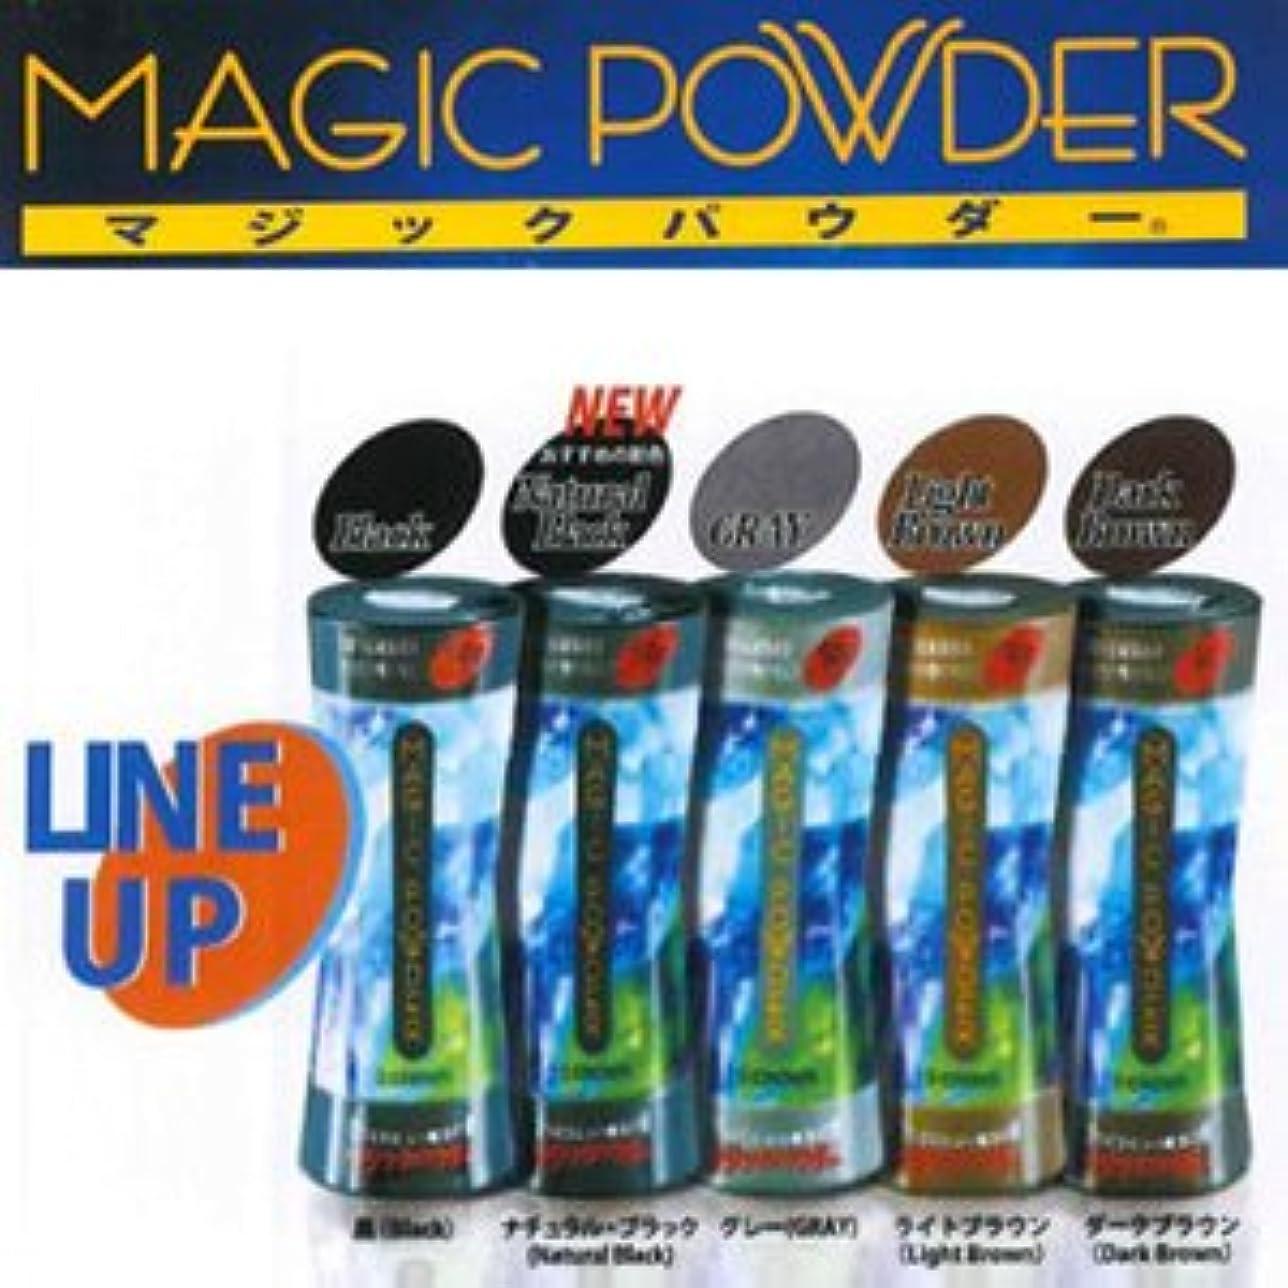 祈り彼らのものフリルMAGIC POWDER マジックパウダー ダークブラウン 50g  2個セット ※貴方の髪を簡単ボリュームアップ!